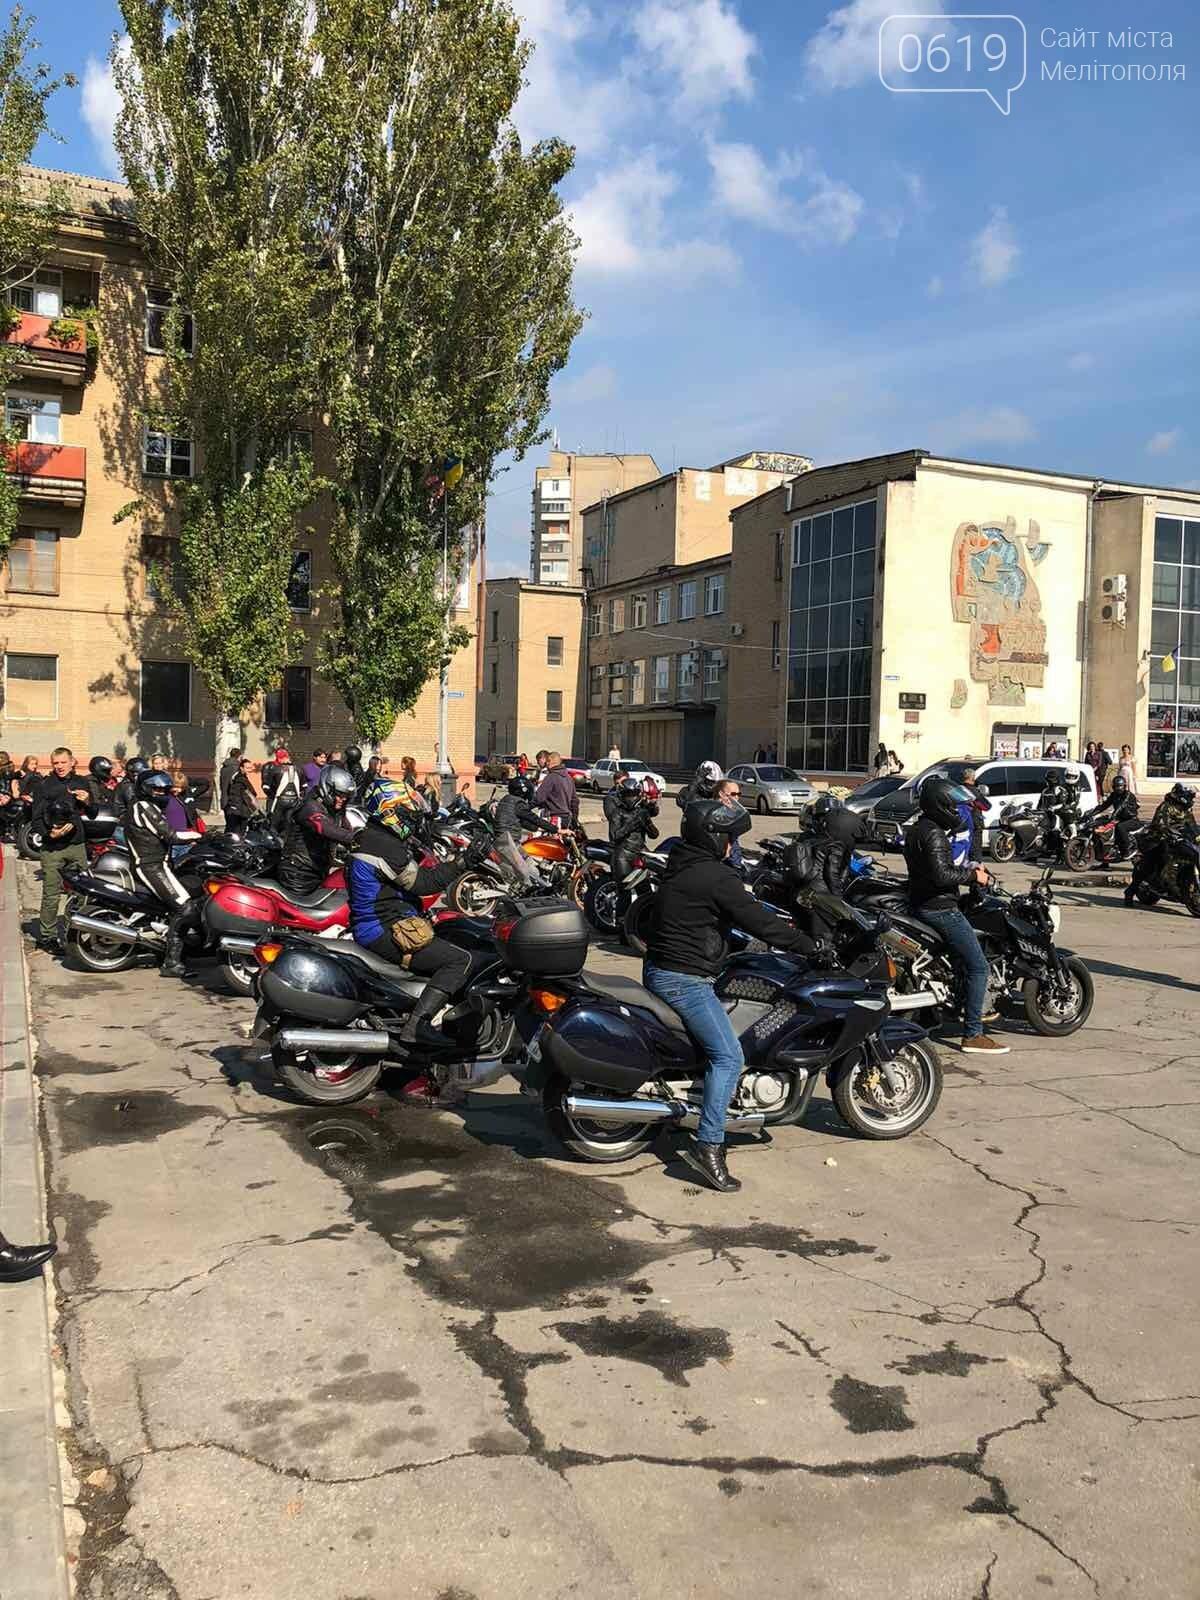 Байкеры проехали колонной по Мелитополю в честь закрытия мотосезона, - ФОТО, фото-15